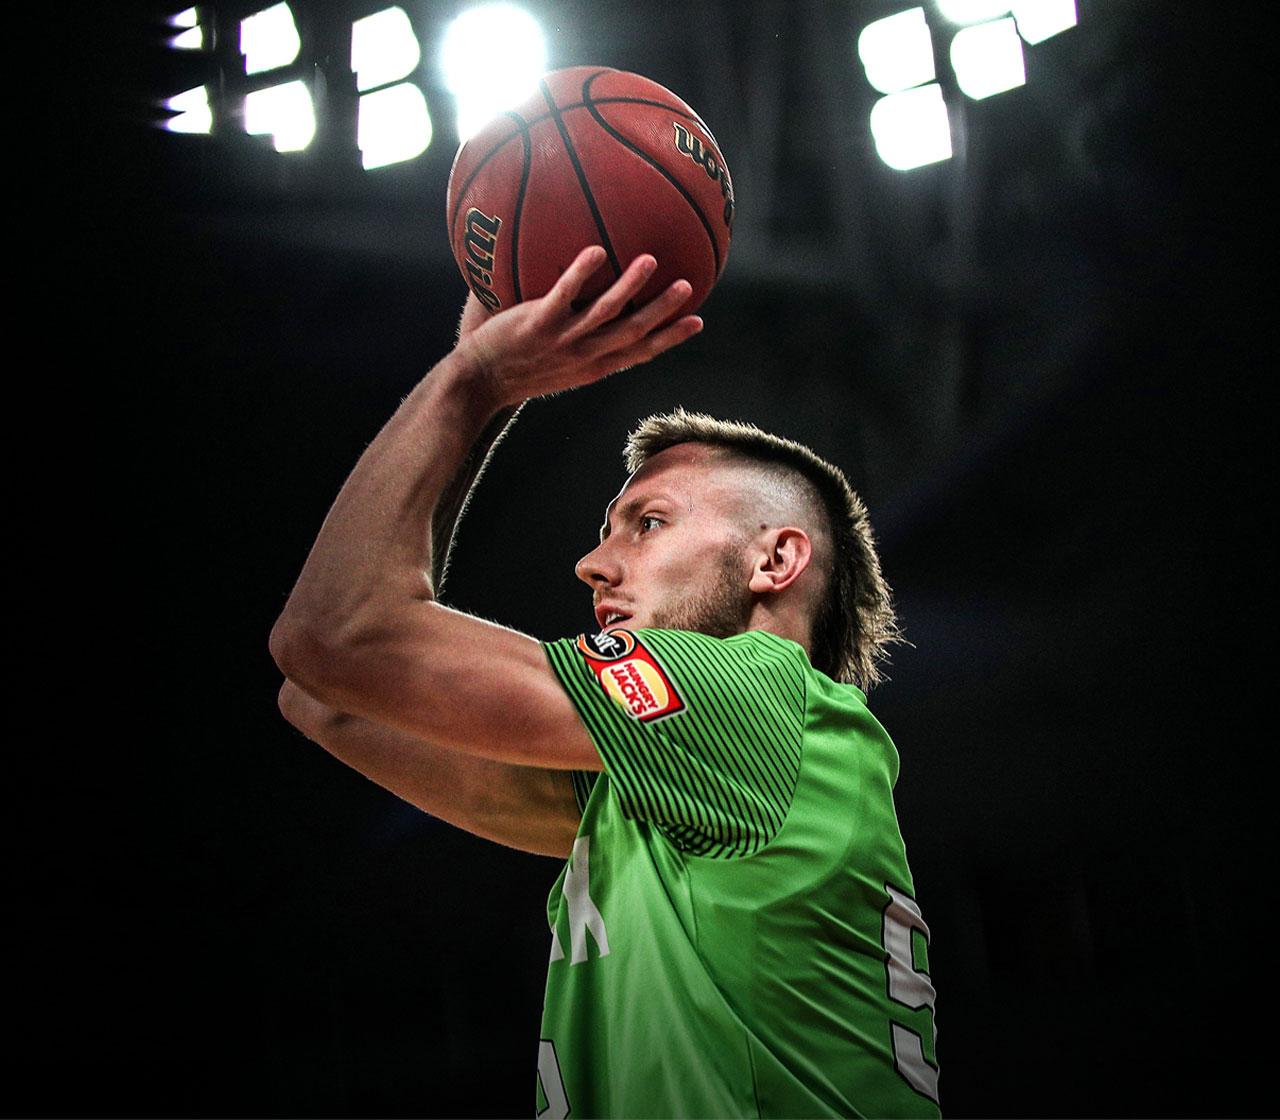 Mitch Creek - Basketball - PlayersVoice